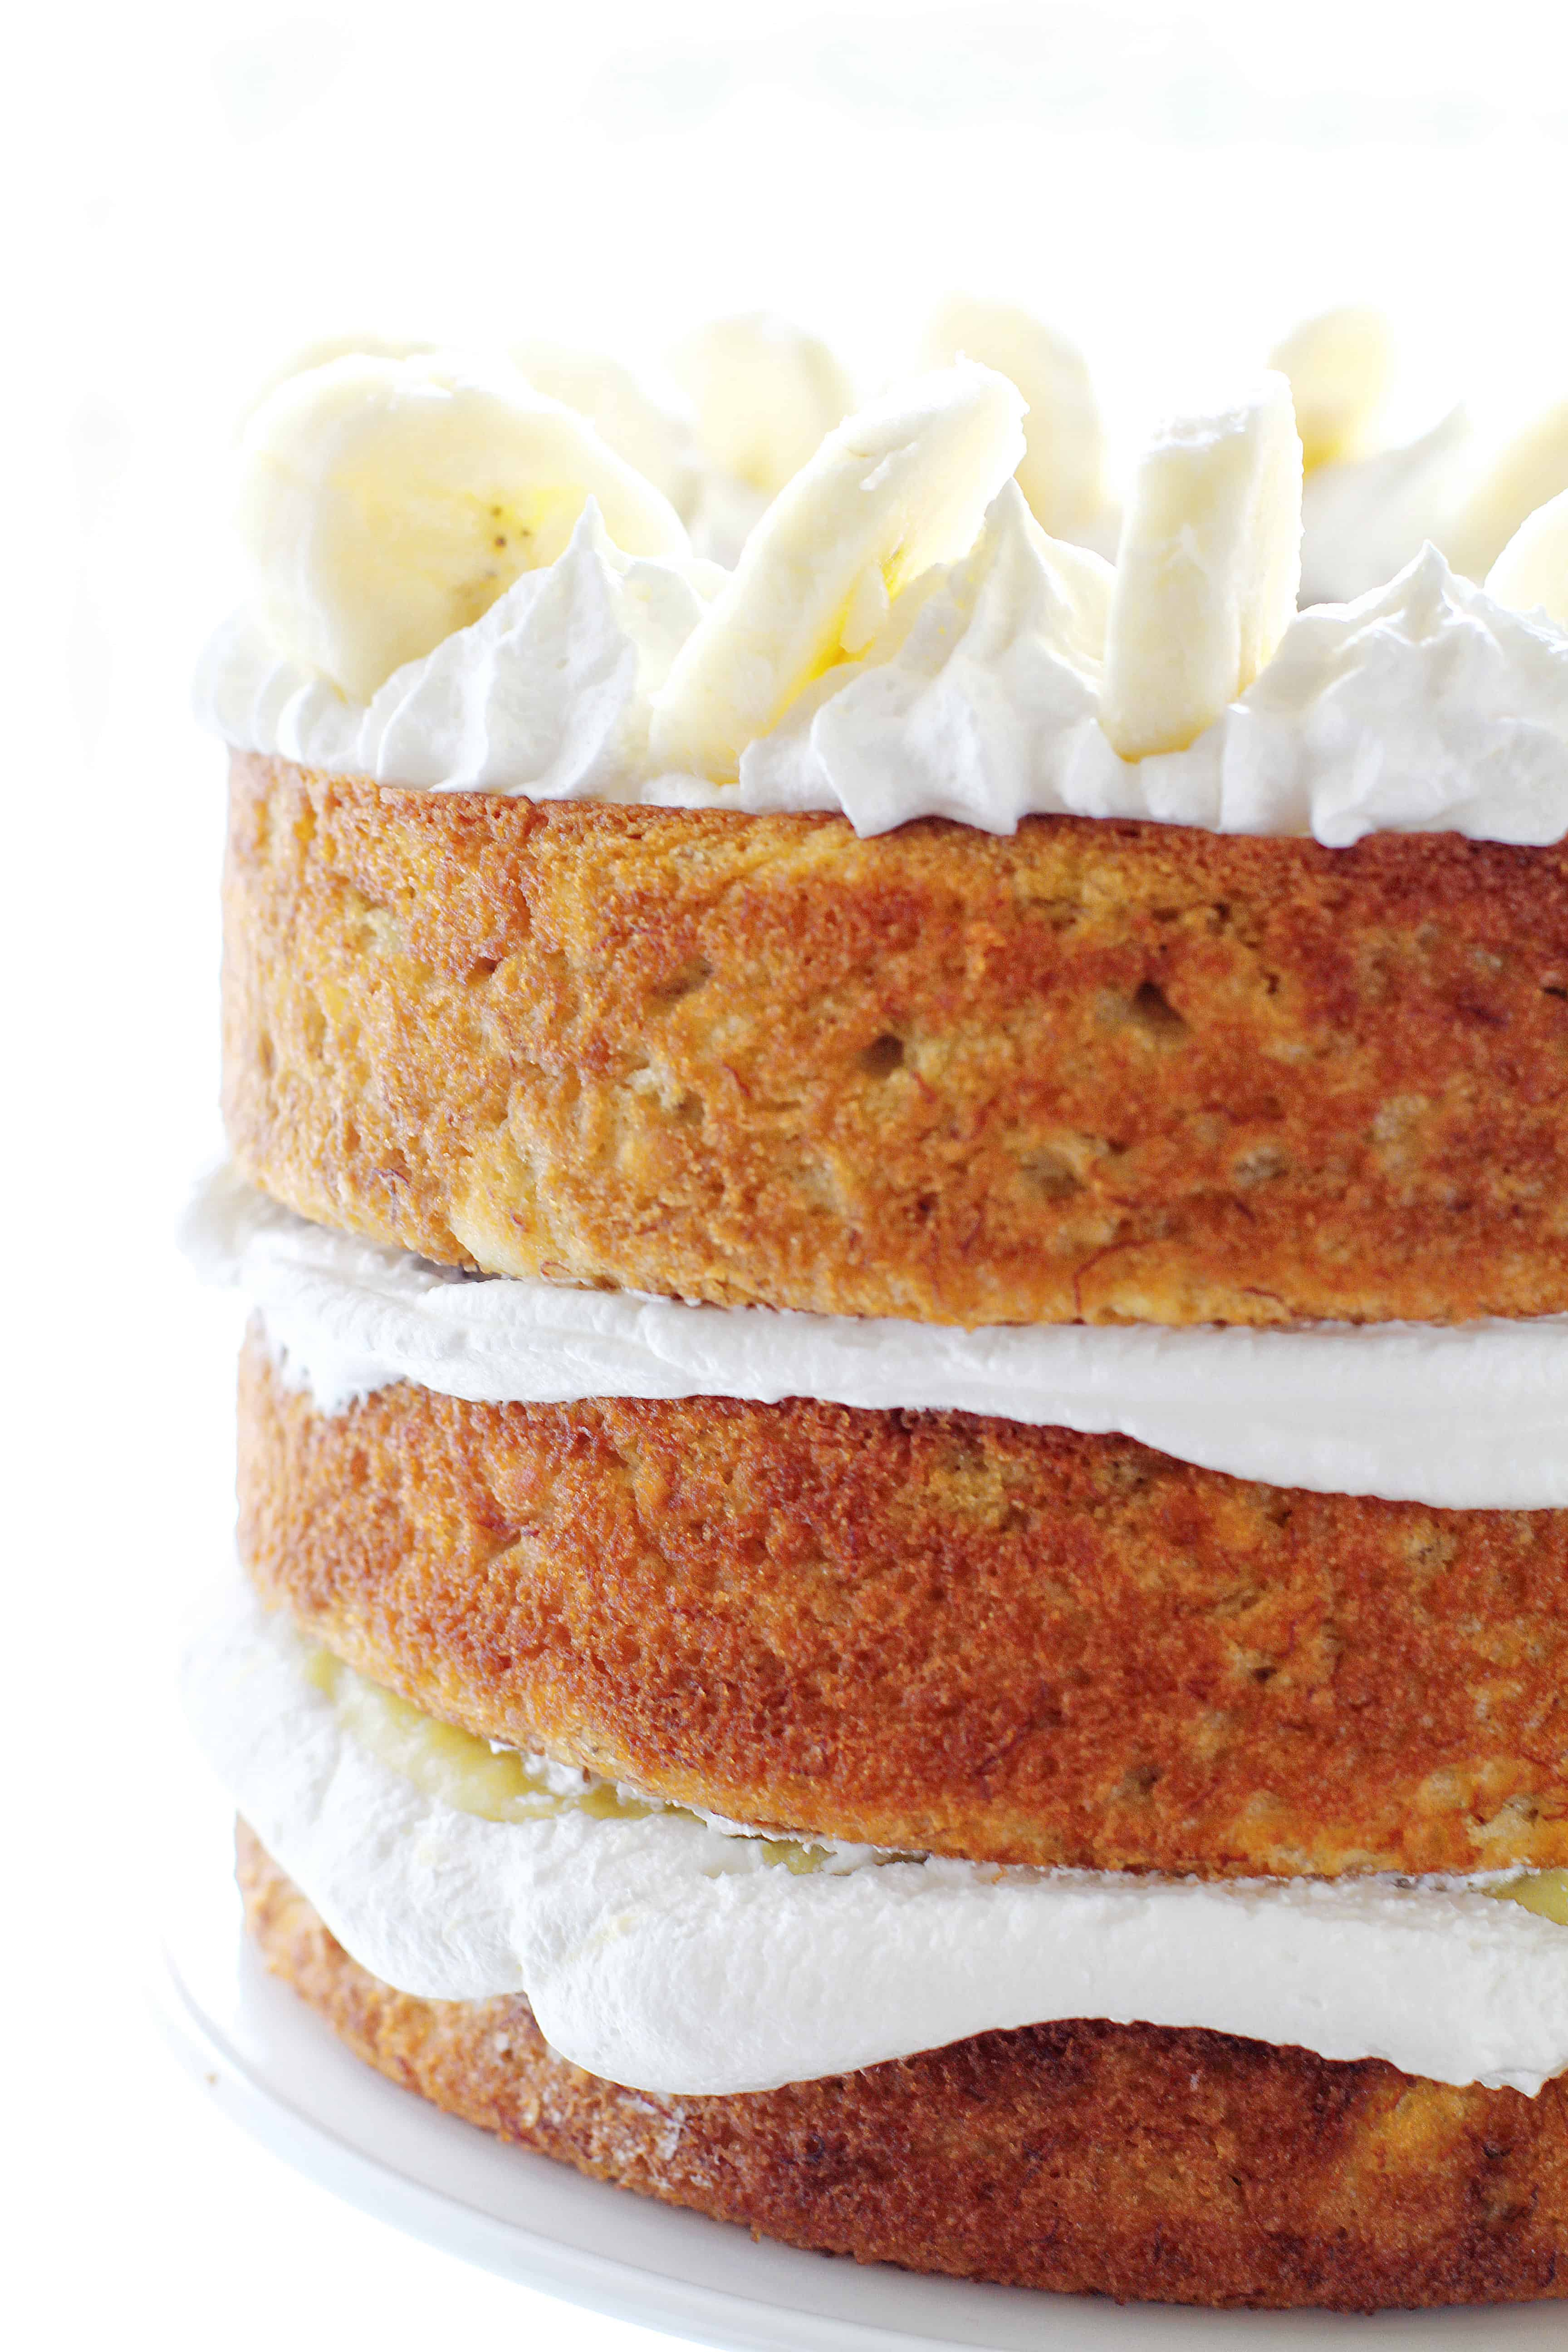 Layered Banana Cake